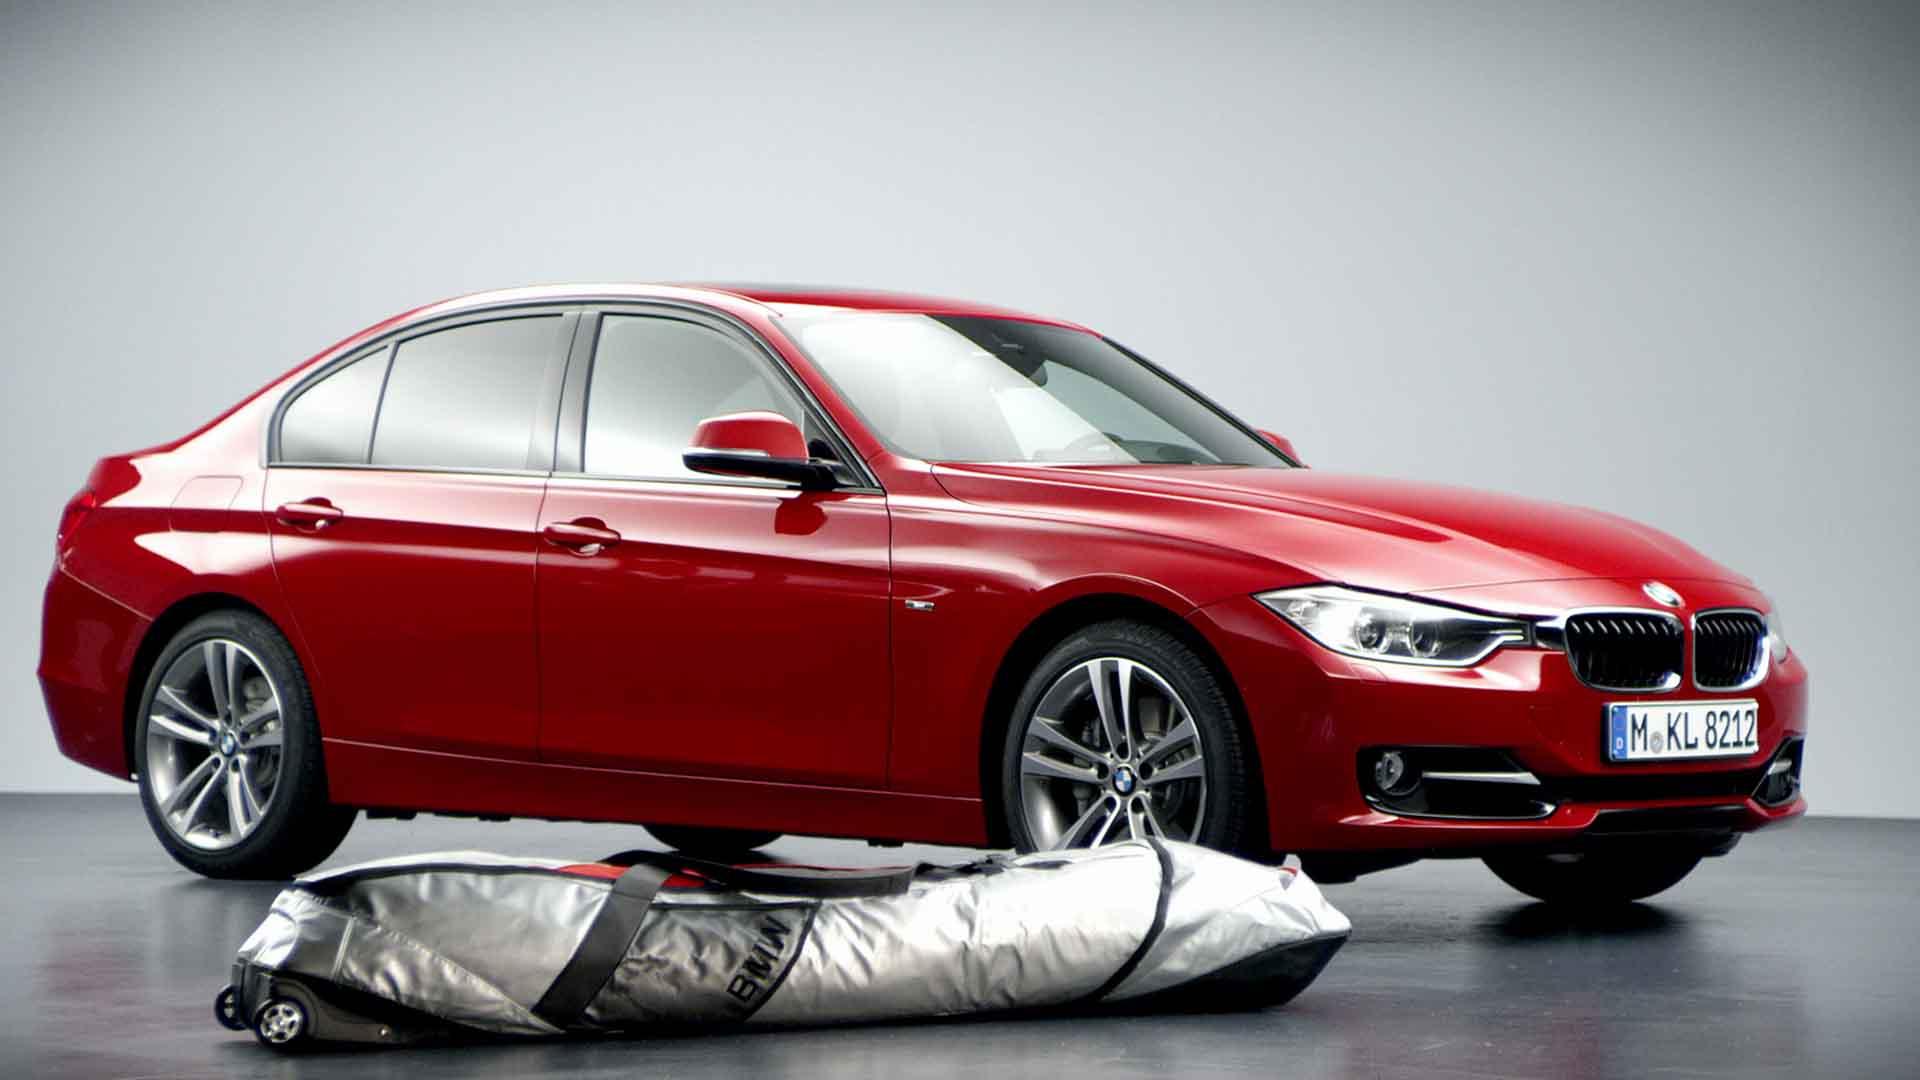 Das Bild zeigt ein rotes Auto. Es ist ein roter BMW. Man sieht ihn von der Seite. Vor ihm liegt eine Tasche, diese ist grau-weiß und zeigt ebenfalls das BMW Logo. Das Bild dient als Sliderbild für den Portfolioeintrag BMW F30 Zubehör von Panda Pictures.